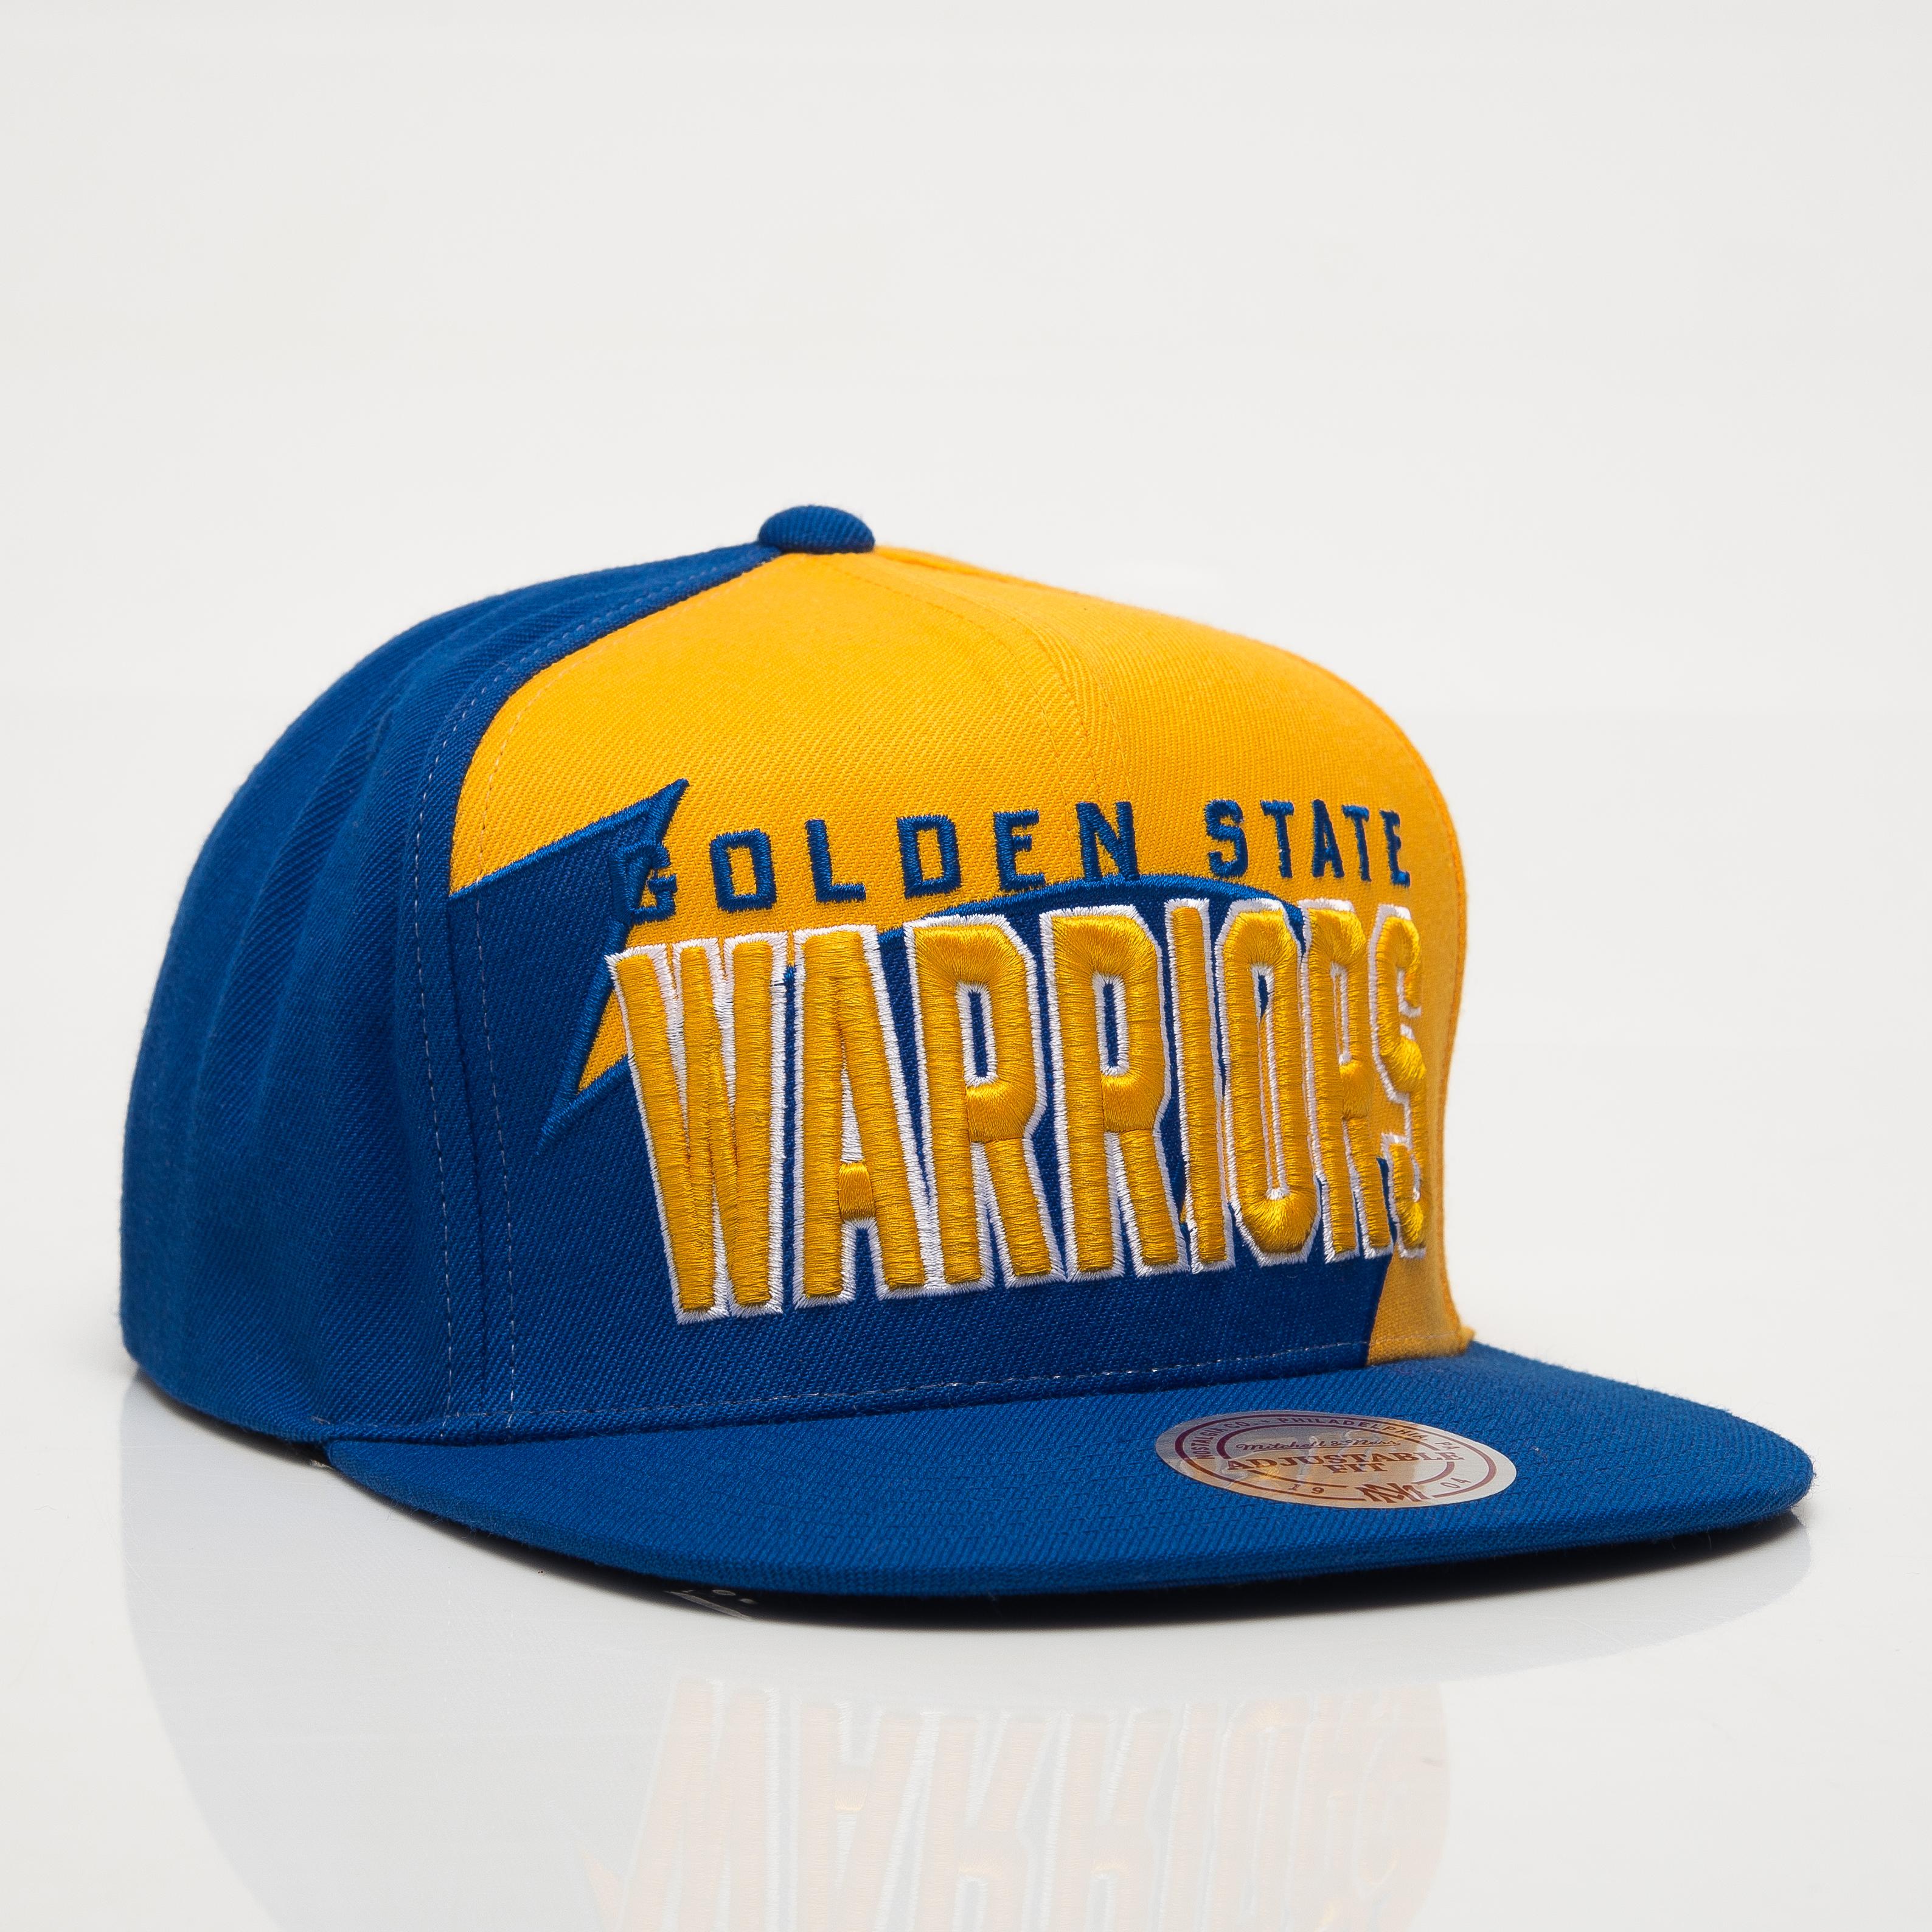 ... sweden mitchell ness nba golden state warriors shark tooth snapback cap nba  shop golden state warriors fcc01b8fa00f